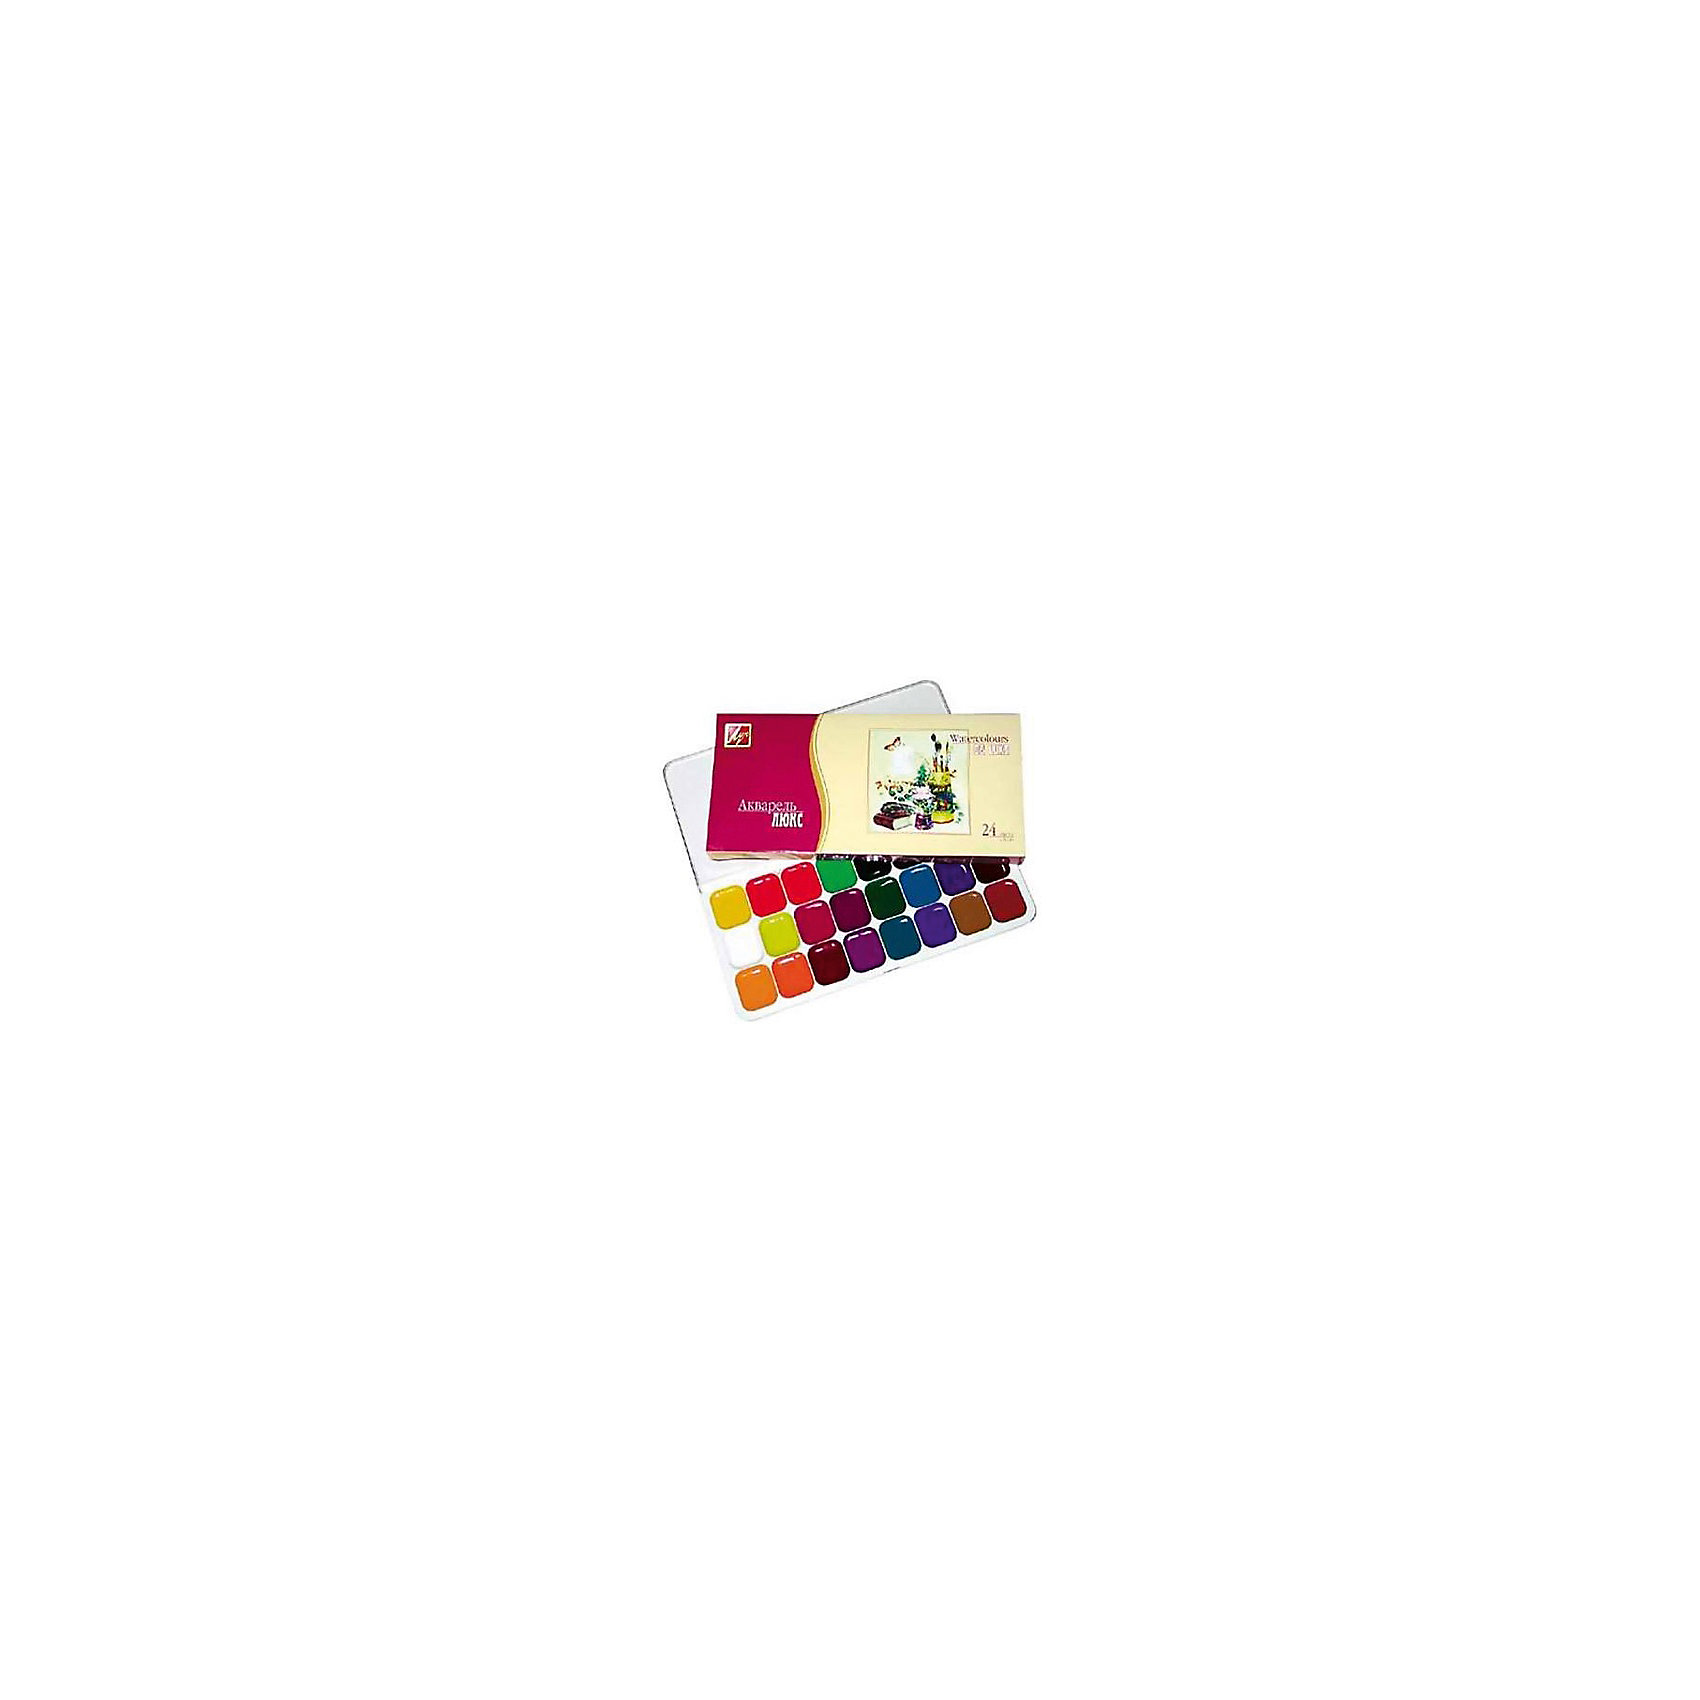 Акварель медовая ЛЮКС 24 цветов ЛучРисование и лепка<br>Характеристики:<br><br>• возраст: от 3 лет<br>• в наборе: краски акварельные медовые полусухие без кисточки<br>• количество цветов: 24<br>• упаковка: пластмассовый пенал с прозрачной крышкой, помещенный в цветную картонную коробку<br>• размер упаковки: 10,8х22,2х1,8 см.<br>• вес: 218 гр.<br><br>Акварель медовая «Люкс» открывает большие возможности для самореализации на этапе обучения и профессионального становления юного художника. Акварель разработана с учётом рекомендаций художников и педагогов, предназначена как для любителей, так и для профессионалов.<br><br>Краски акварельные медовые полусухие «Люкс» изготовлены на основе растительного клея-гуммиарабика и максимально насыщены пигментами высокого класса, что обеспечивает им необыкновенную прозрачность, повышенную чистоту цвета и интенсивность тона.<br><br>Акварель «Люкс» имеет богатую цветовую палитру. Все цвета прекрасно смешиваются друг с другом. Акварелью можно работать в несколько перекрытий.<br><br>Краски безопасны при использовании по назначению.<br><br>Акварель медовую ЛЮКС 24 цветов Луч можно купить в нашем интернет-магазине.<br><br>Ширина мм: 230<br>Глубина мм: 120<br>Высота мм: 20<br>Вес г: 215<br>Возраст от месяцев: 60<br>Возраст до месяцев: 2147483647<br>Пол: Унисекс<br>Возраст: Детский<br>SKU: 7010477